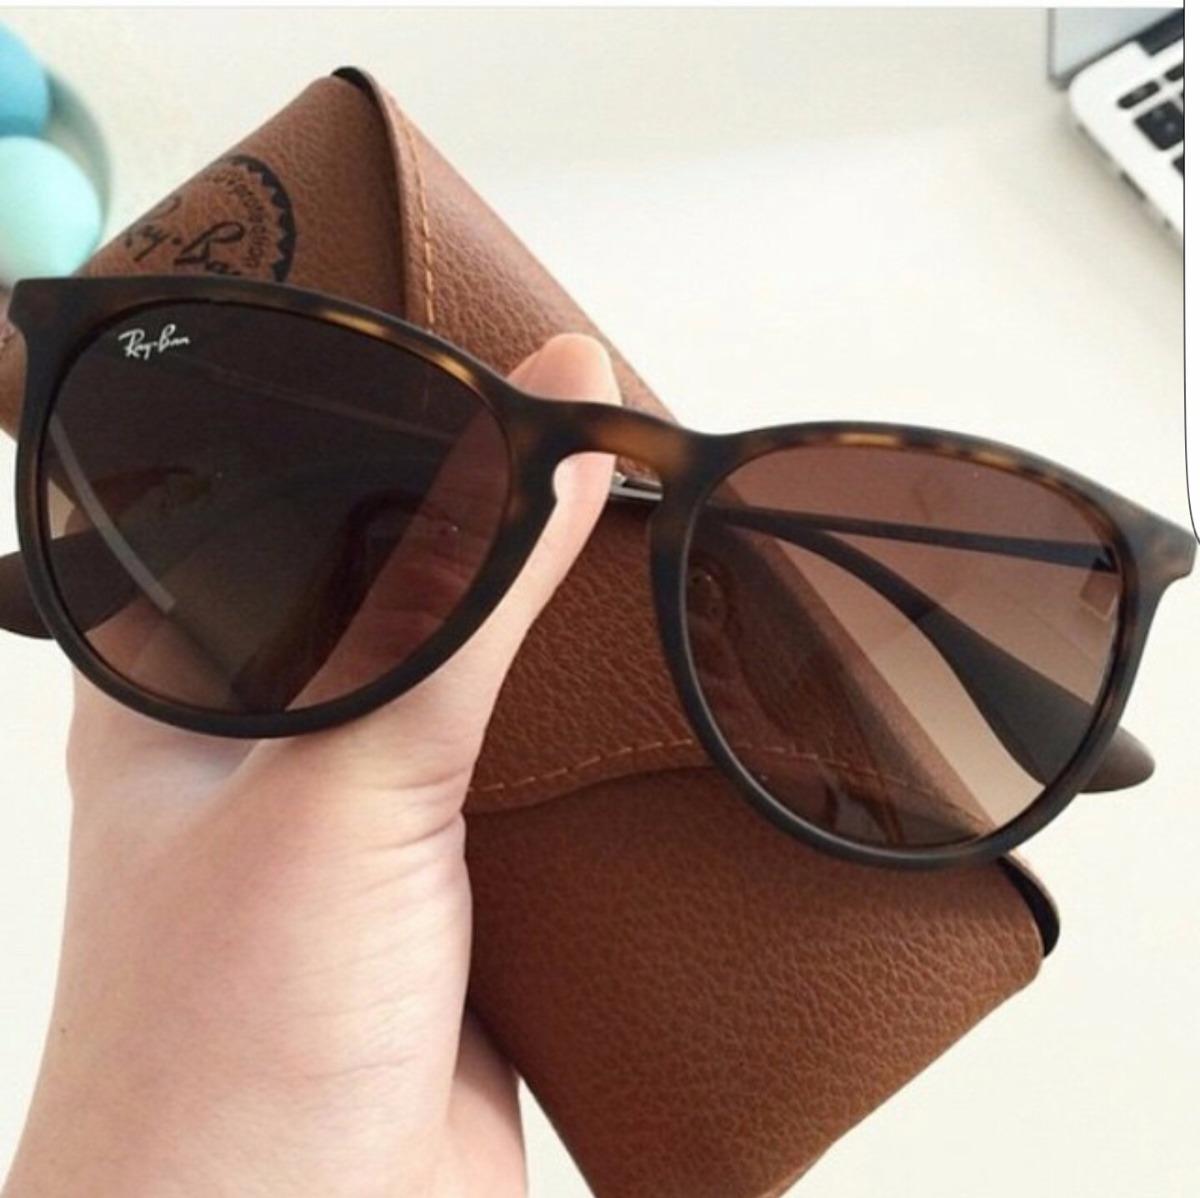 01e8a18af3181 óculos ray ban erika tartaruga marrom fosco original rb4171. Carregando  zoom.